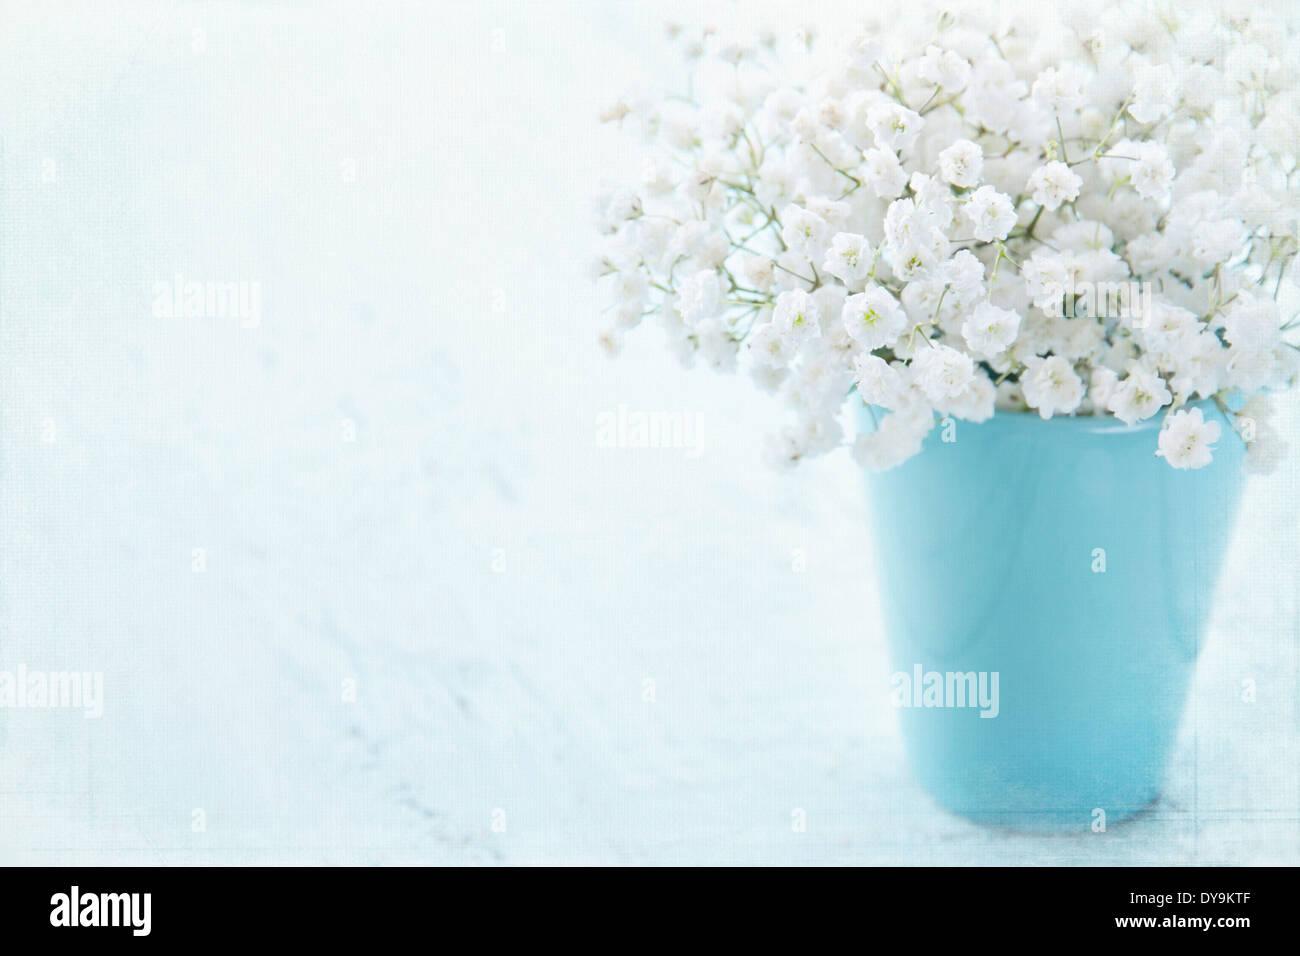 La respiration du bébé blanc fleurs dans un vase bleu clair sur fond texturé vintage Banque D'Images